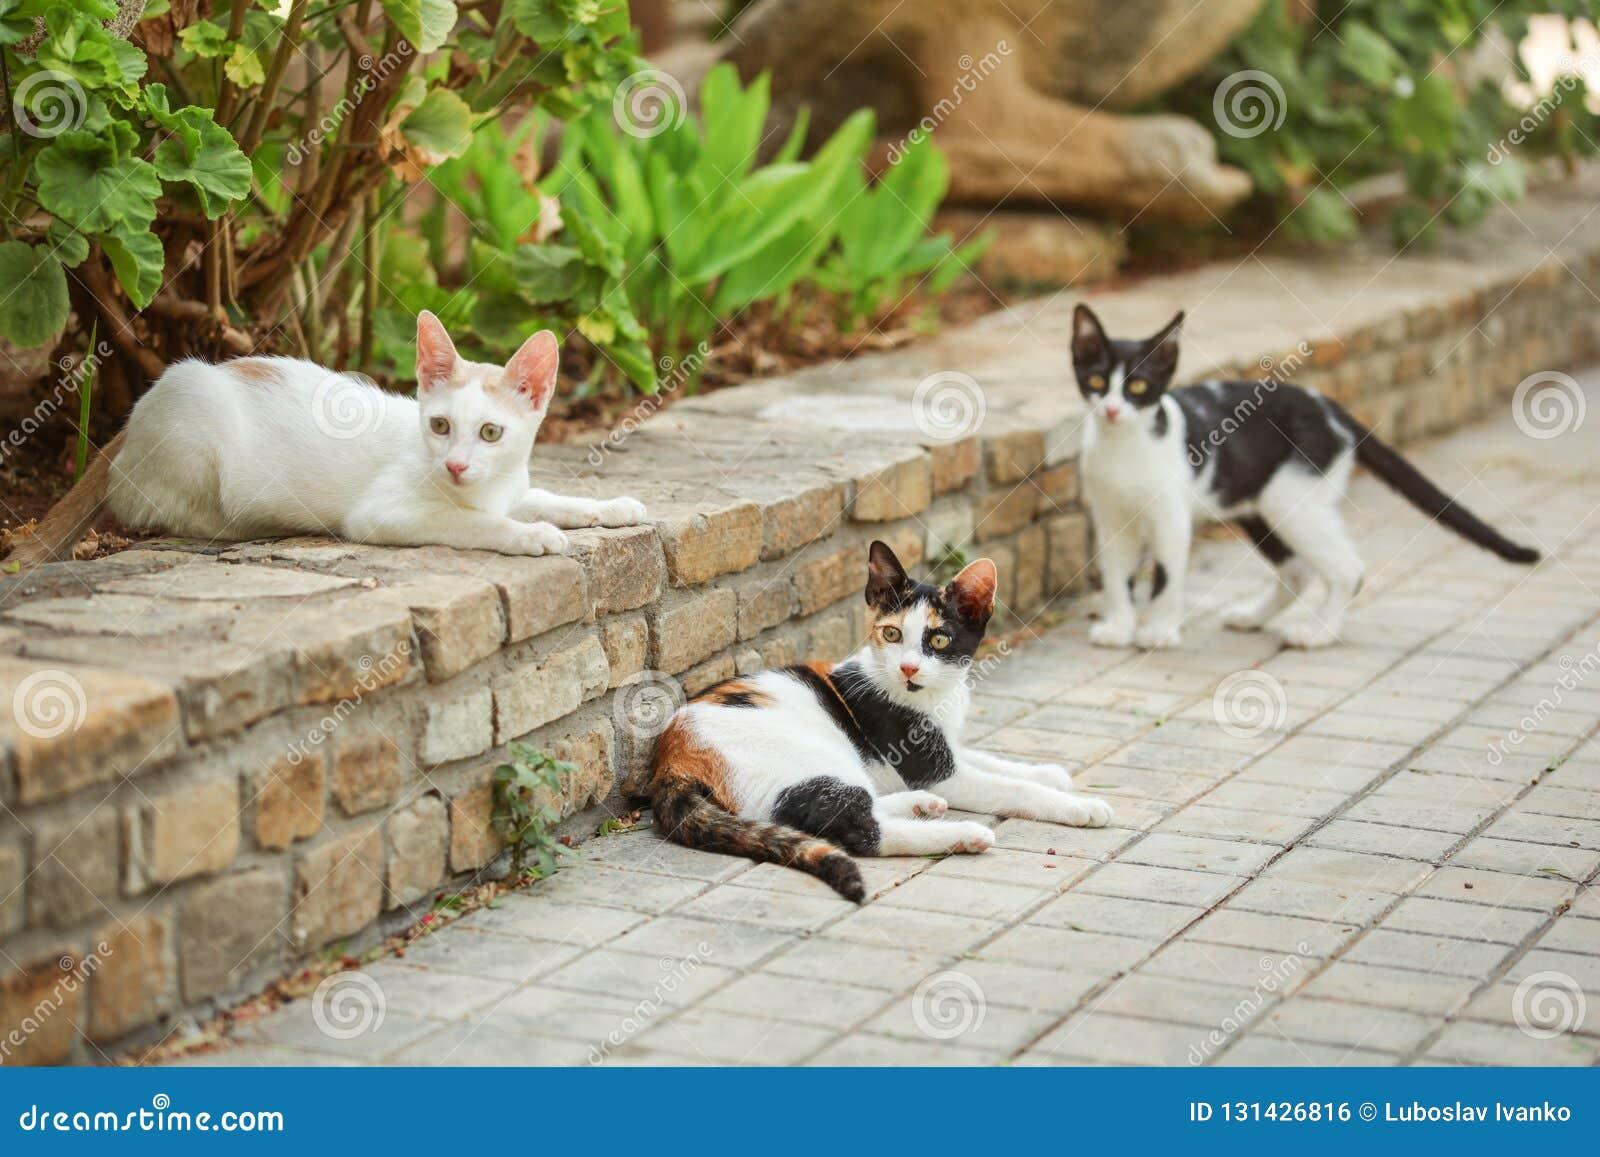 Un gatto arancio nero bianco di tre colori, trovantesi sulla pavimentazione in giardino, con due gatti più smarriti intorno lei